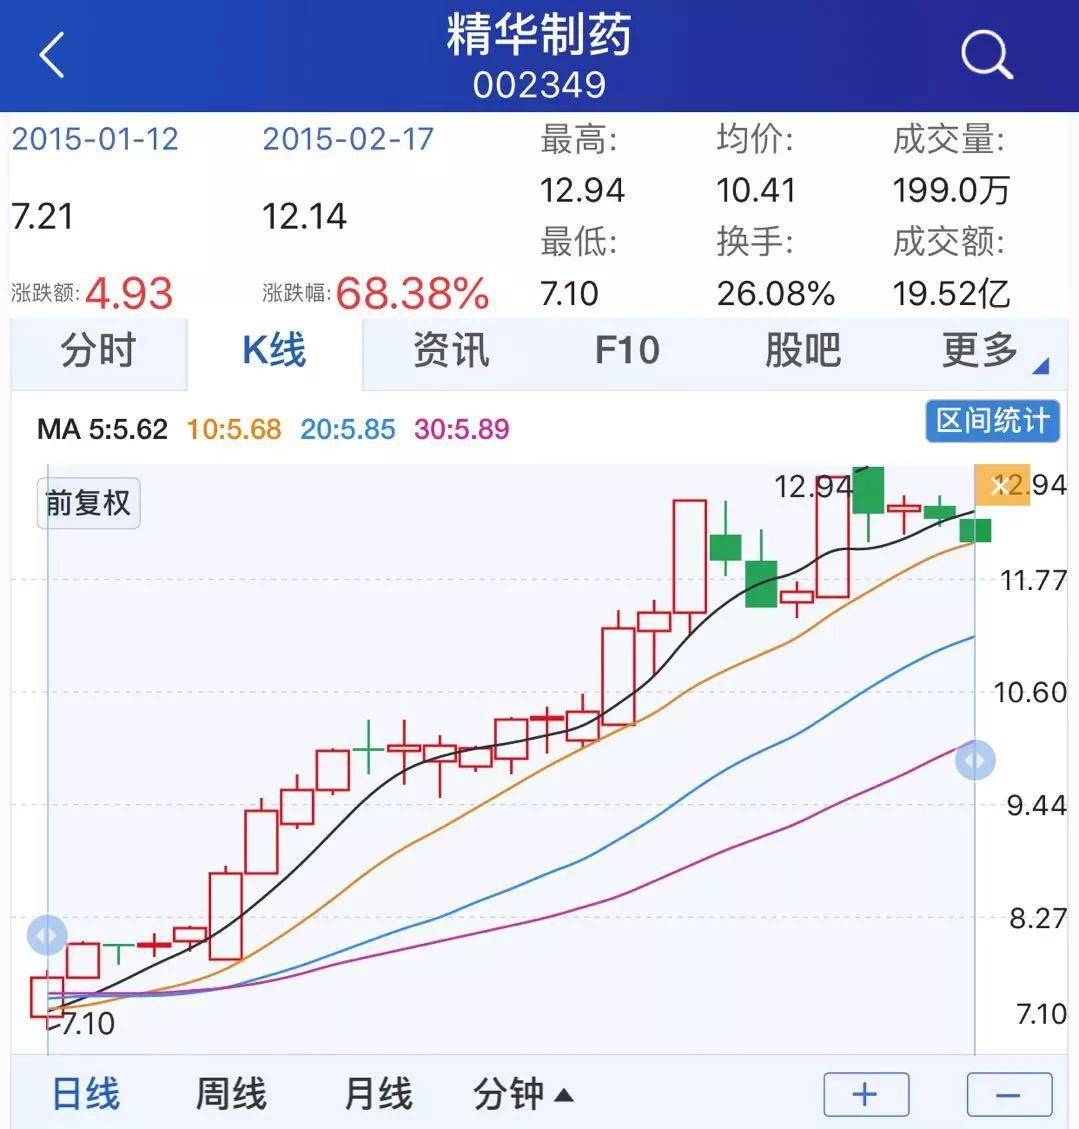 2015年1月12日至2月17日精华制药股价走势